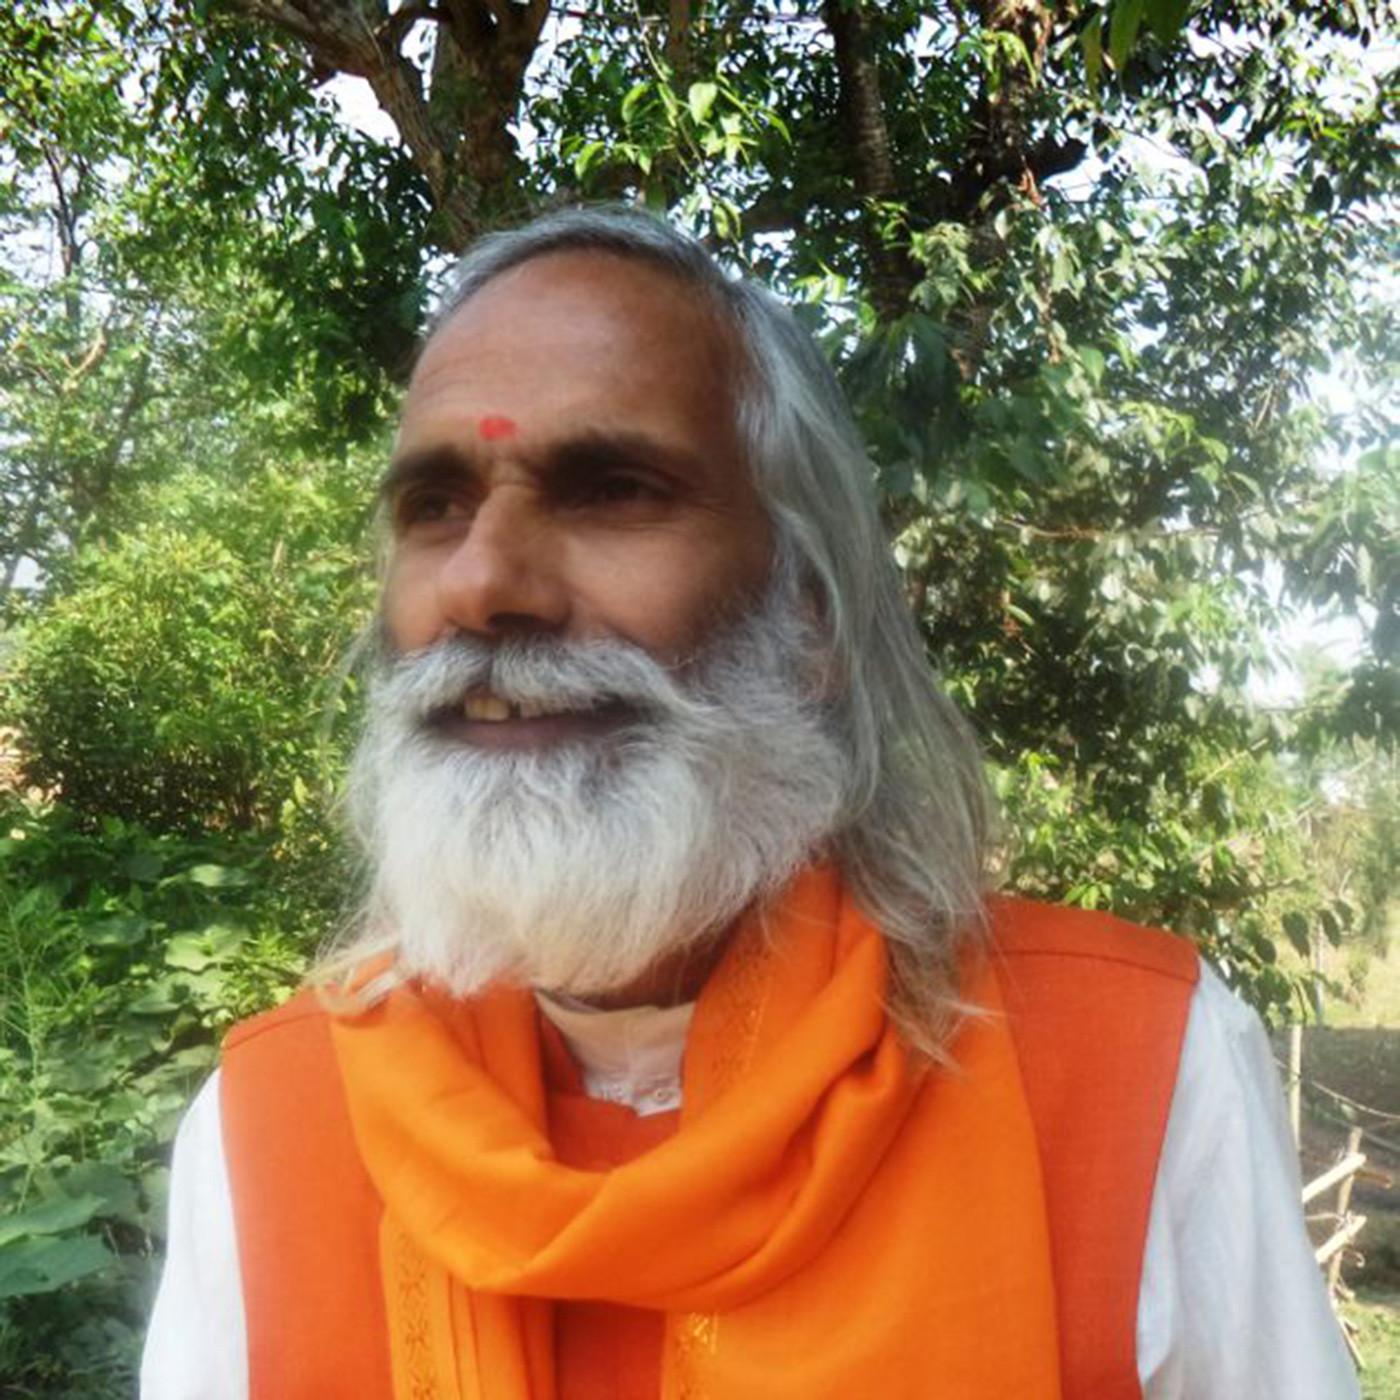 L'incroyable histoire de Swami Ramchandra Das - Partie 2